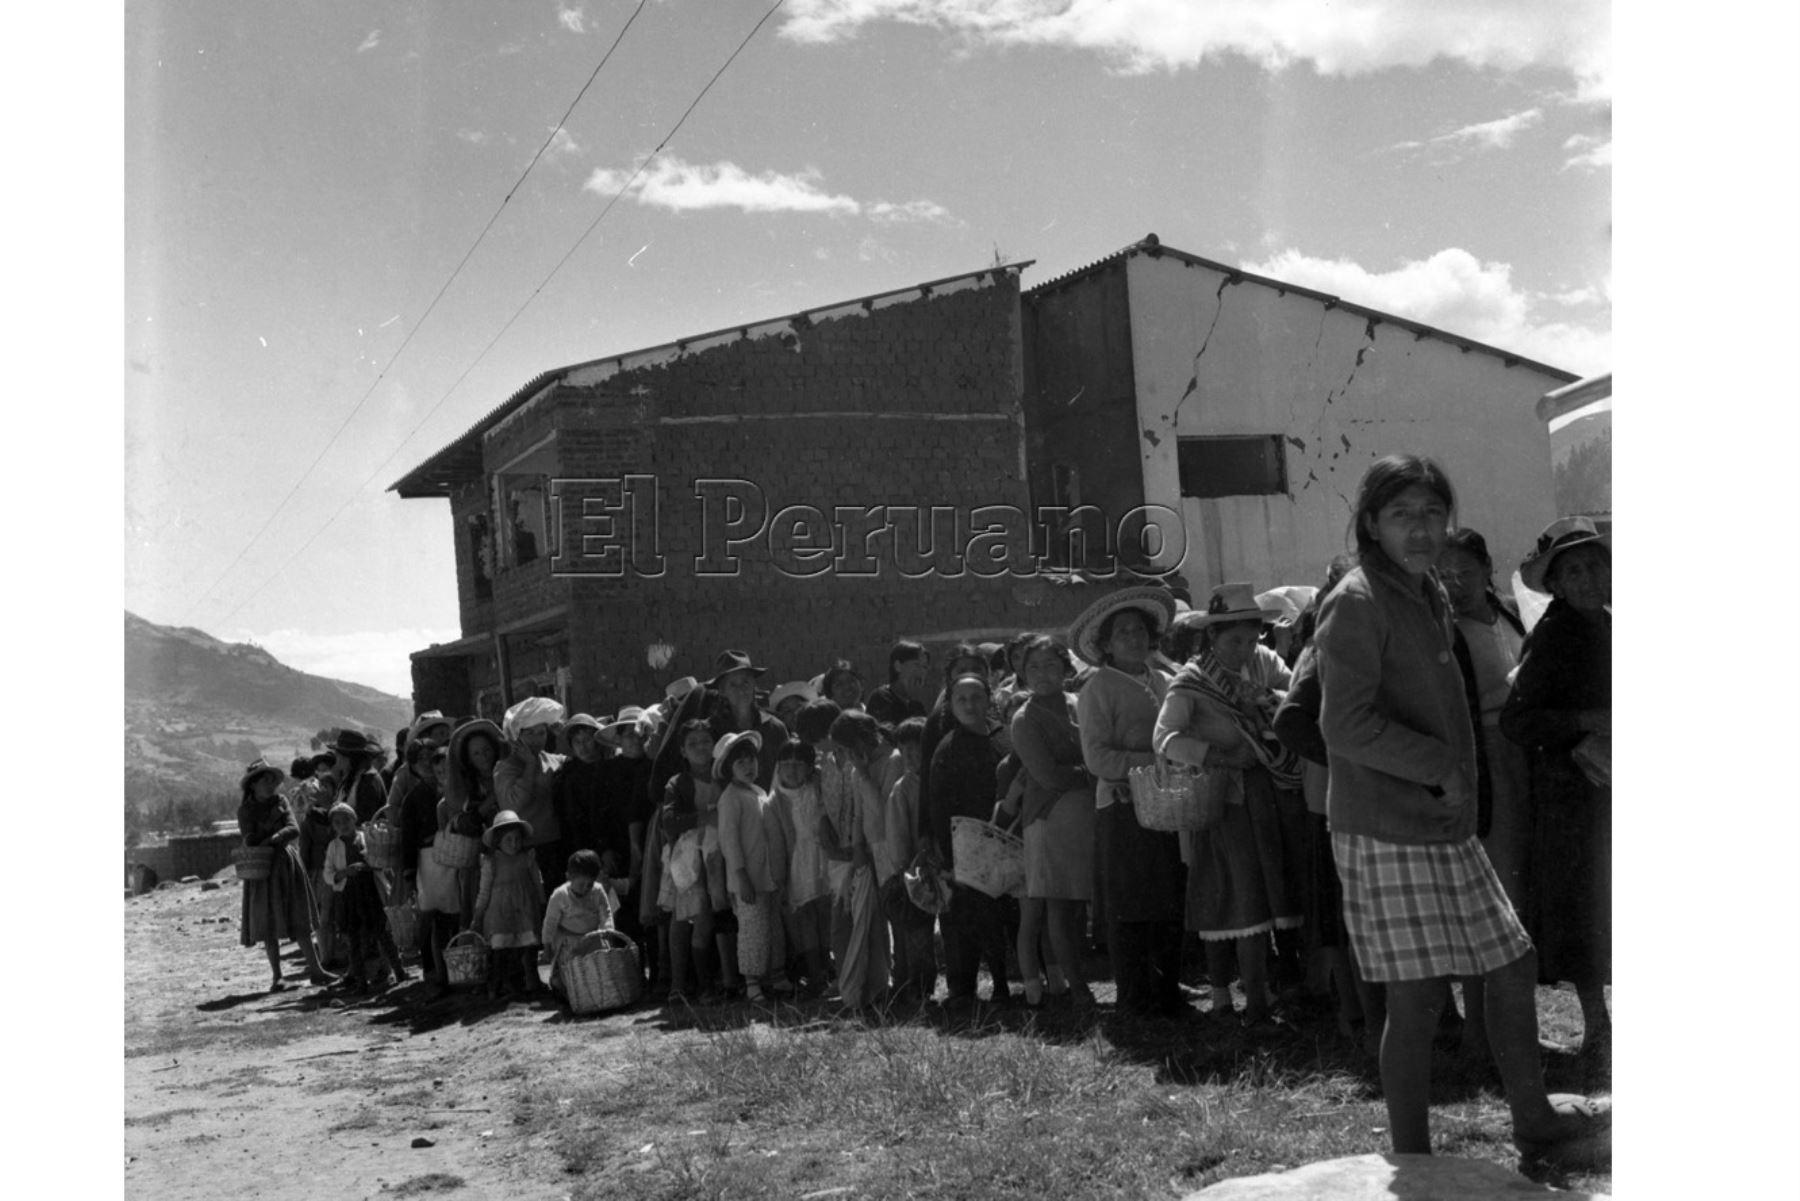 Ancash - 1 junio 1970 / Terremoto de Yungay. Decenas de mujeres y niños damnificados forman colas para recibir ayuda humanitaria.